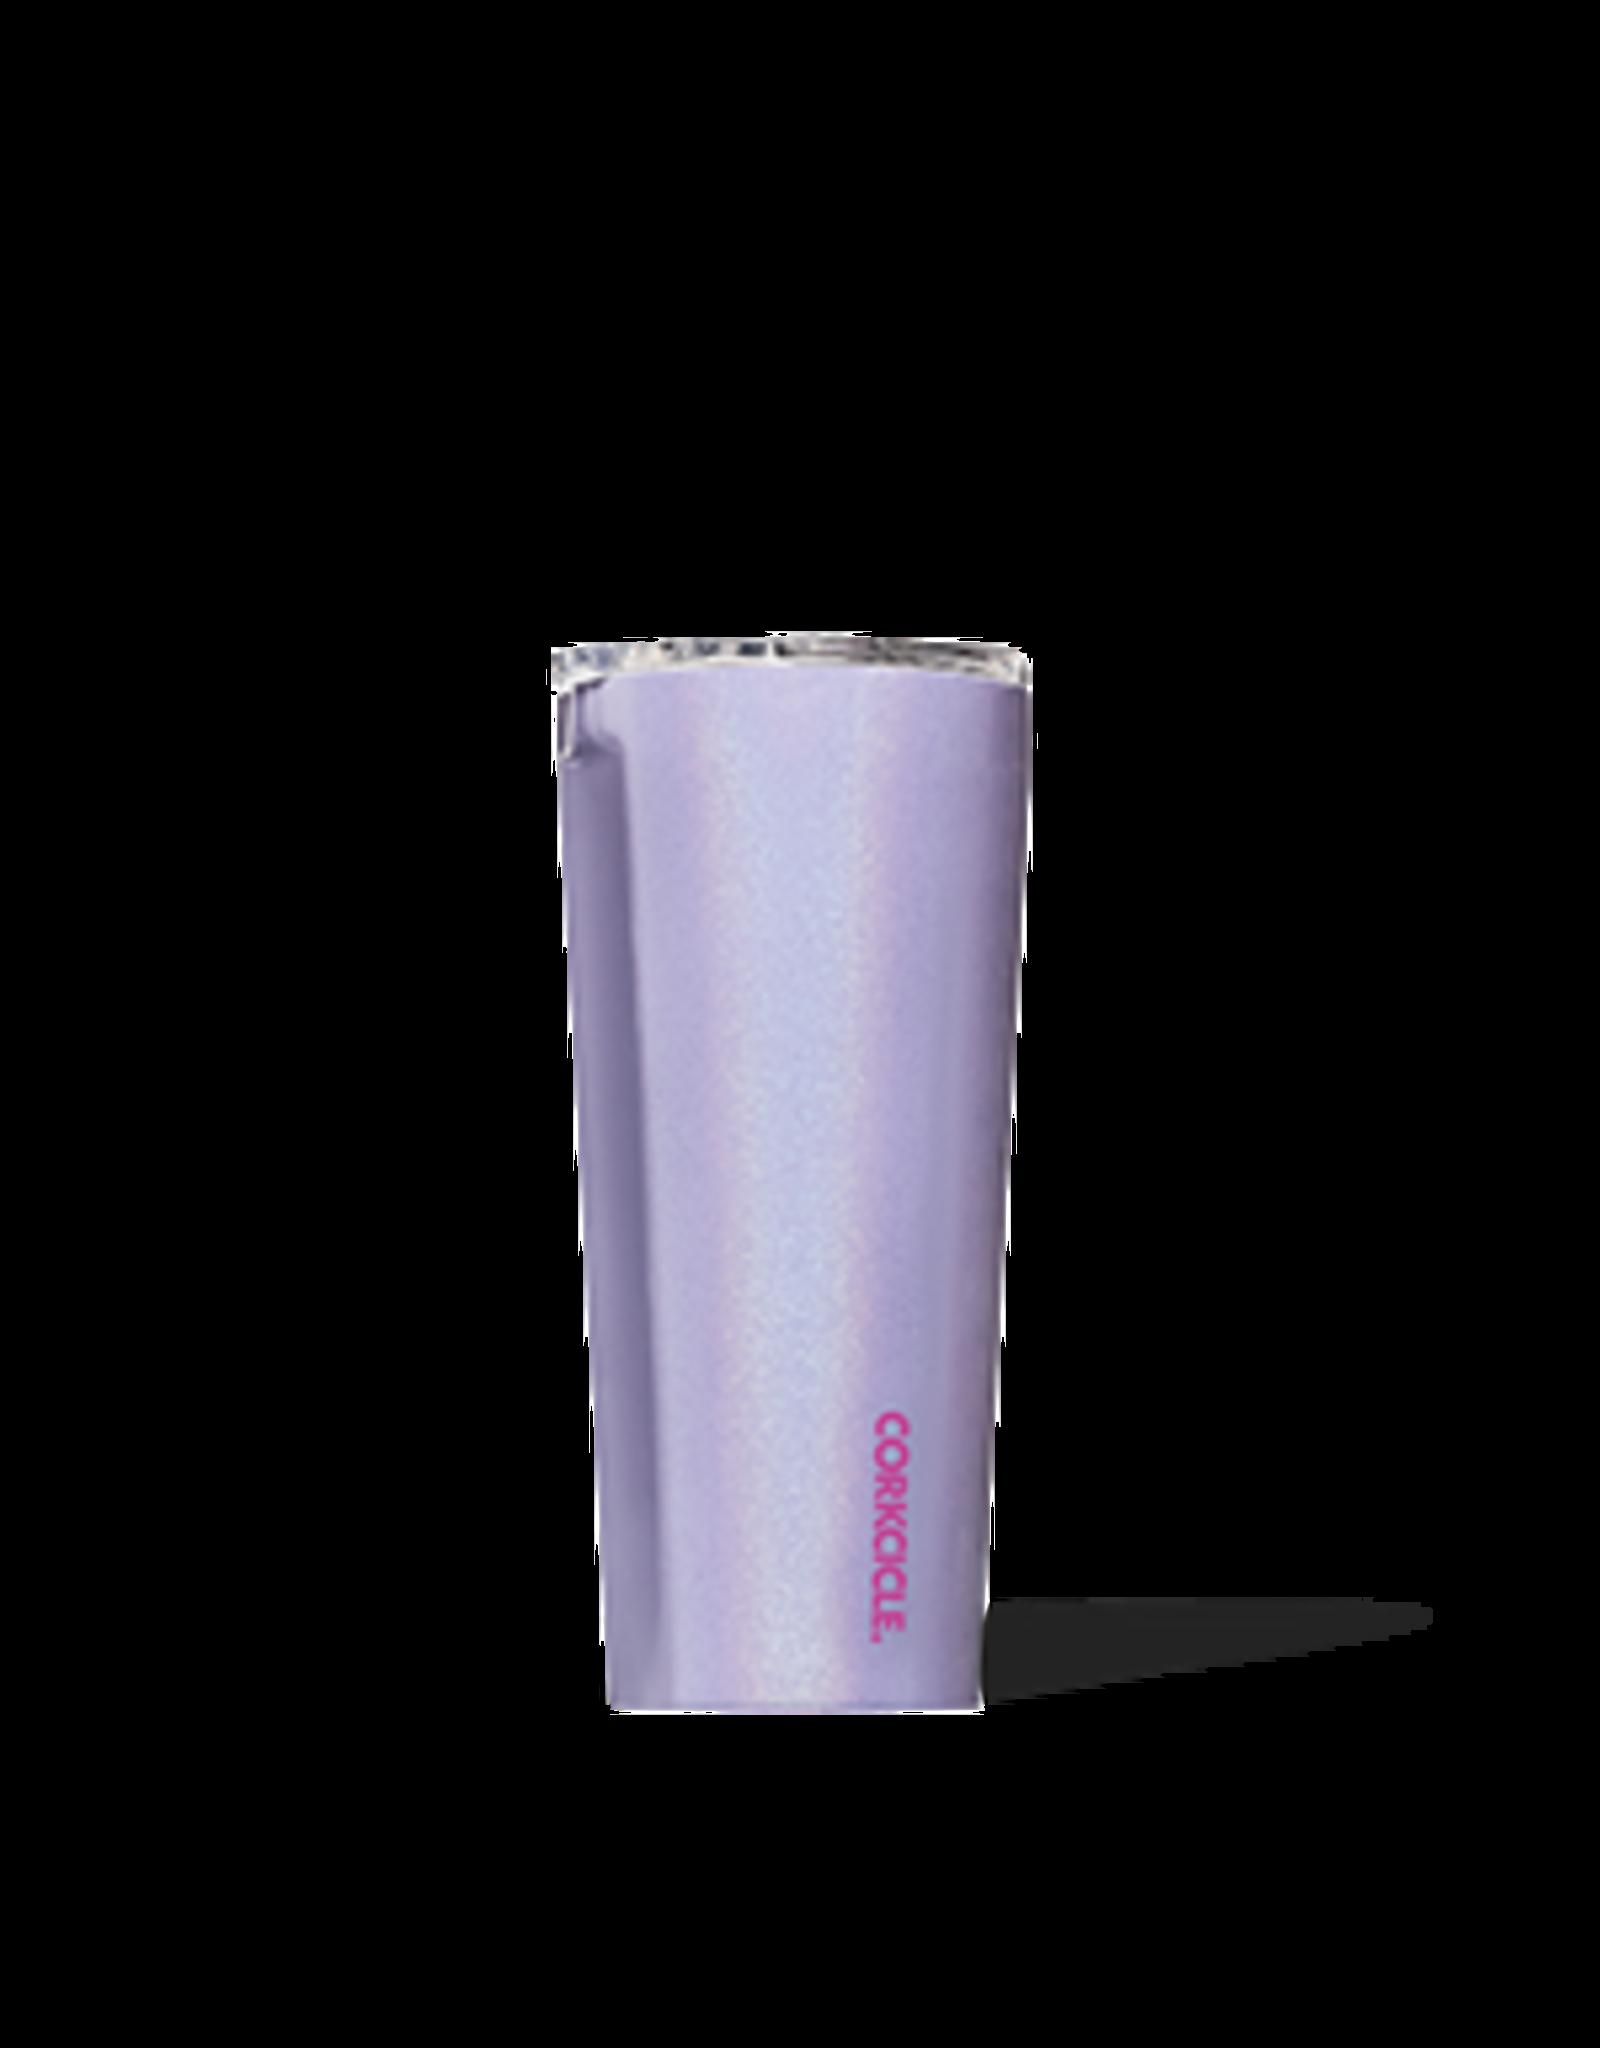 Corkcicle Tumbler - 24oz Pixie Dust